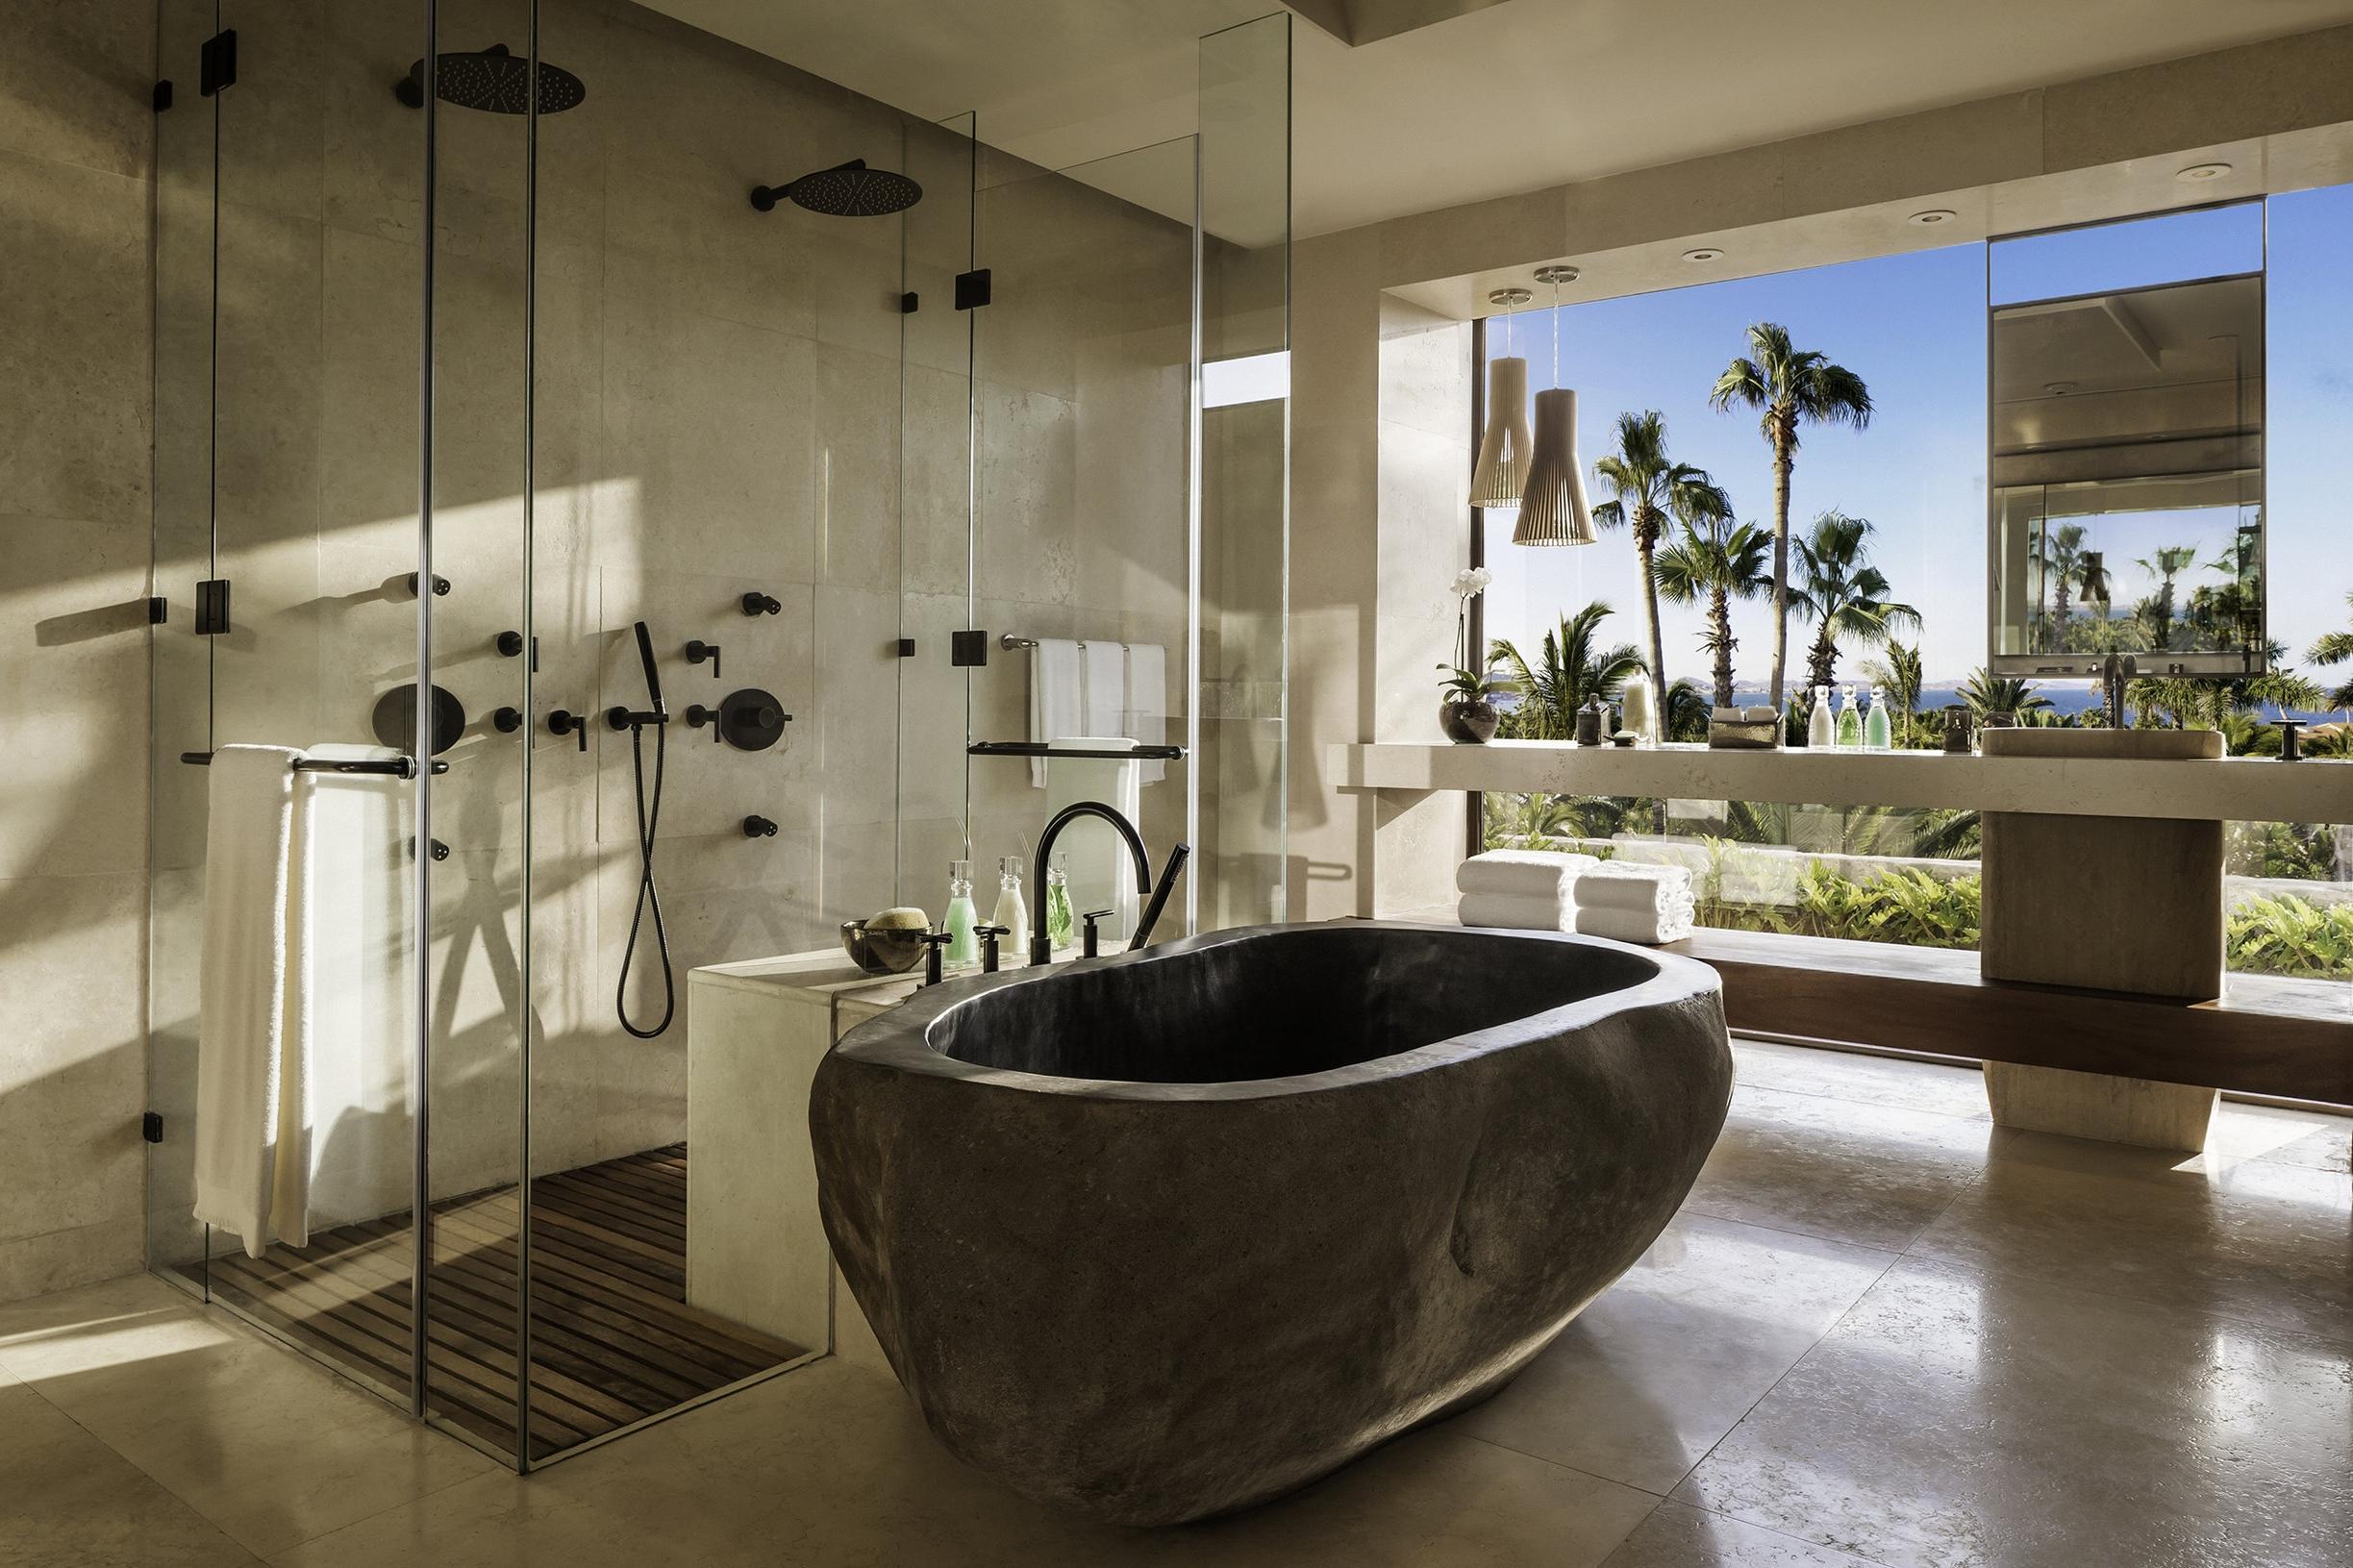 Villa One Master Bathroom